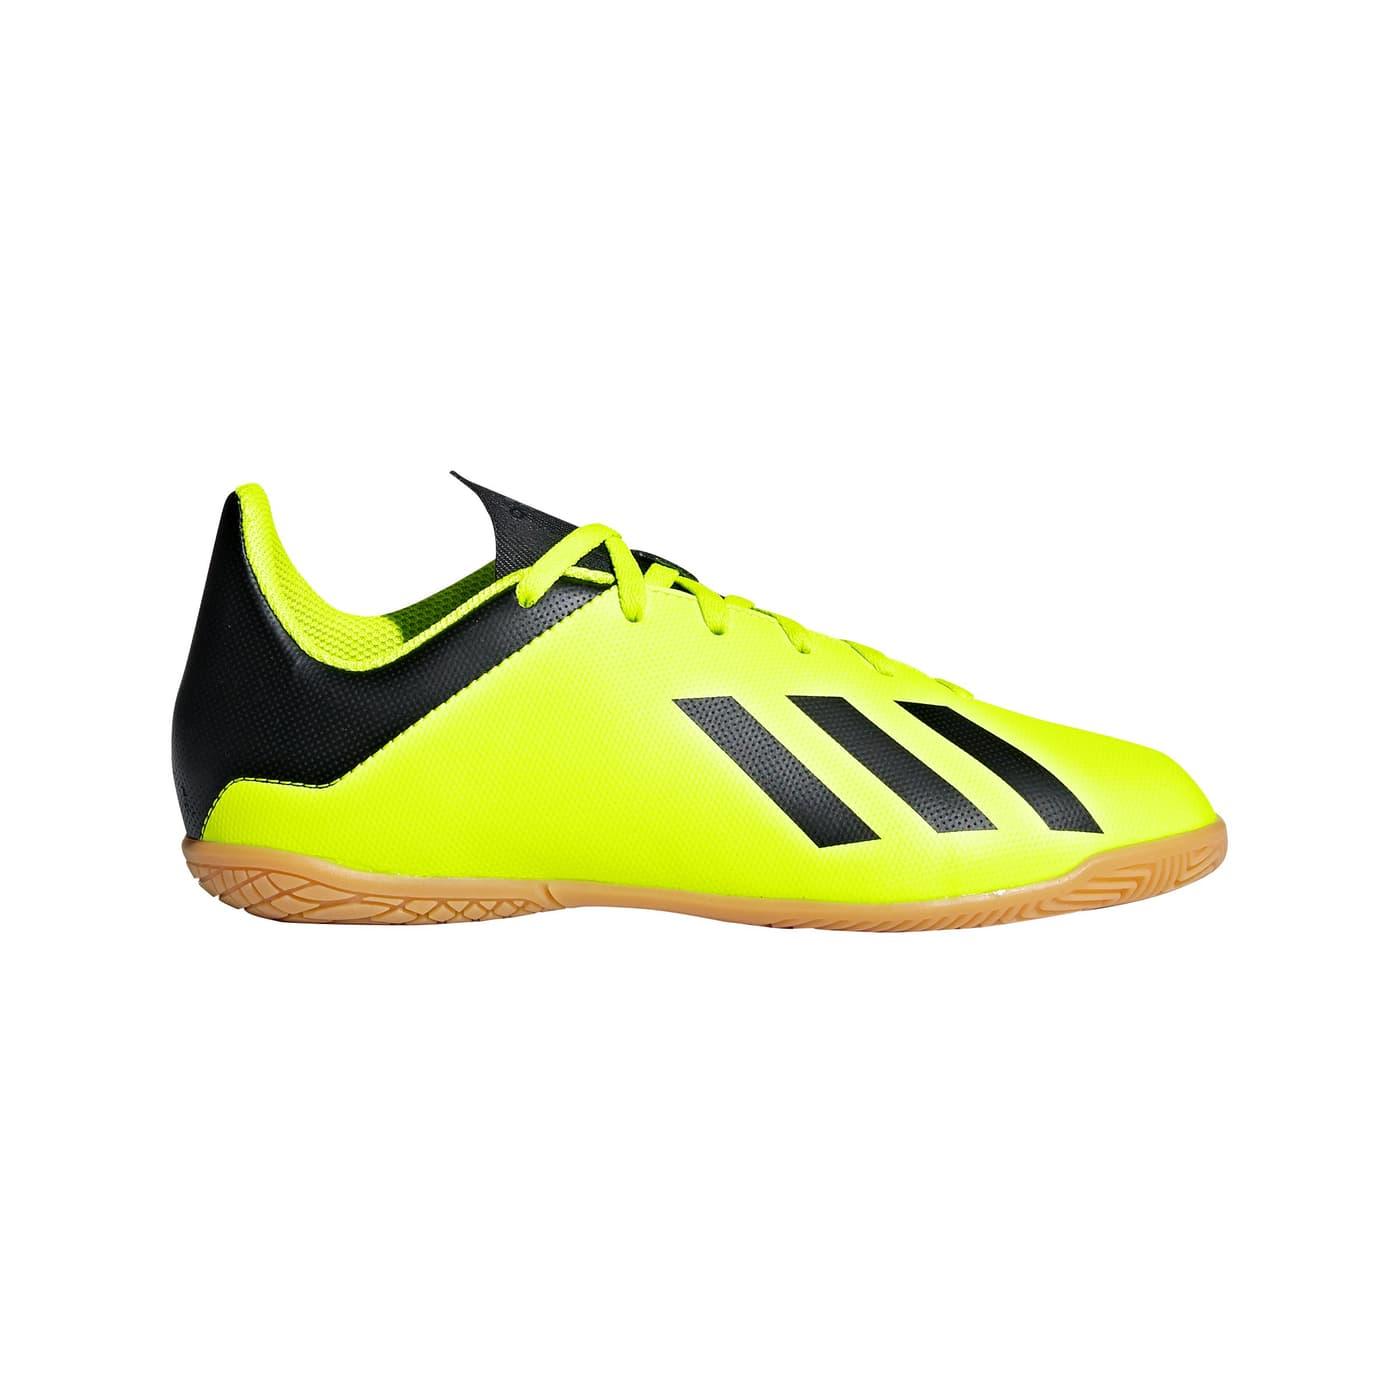 scarpe da calcio bambino adidas